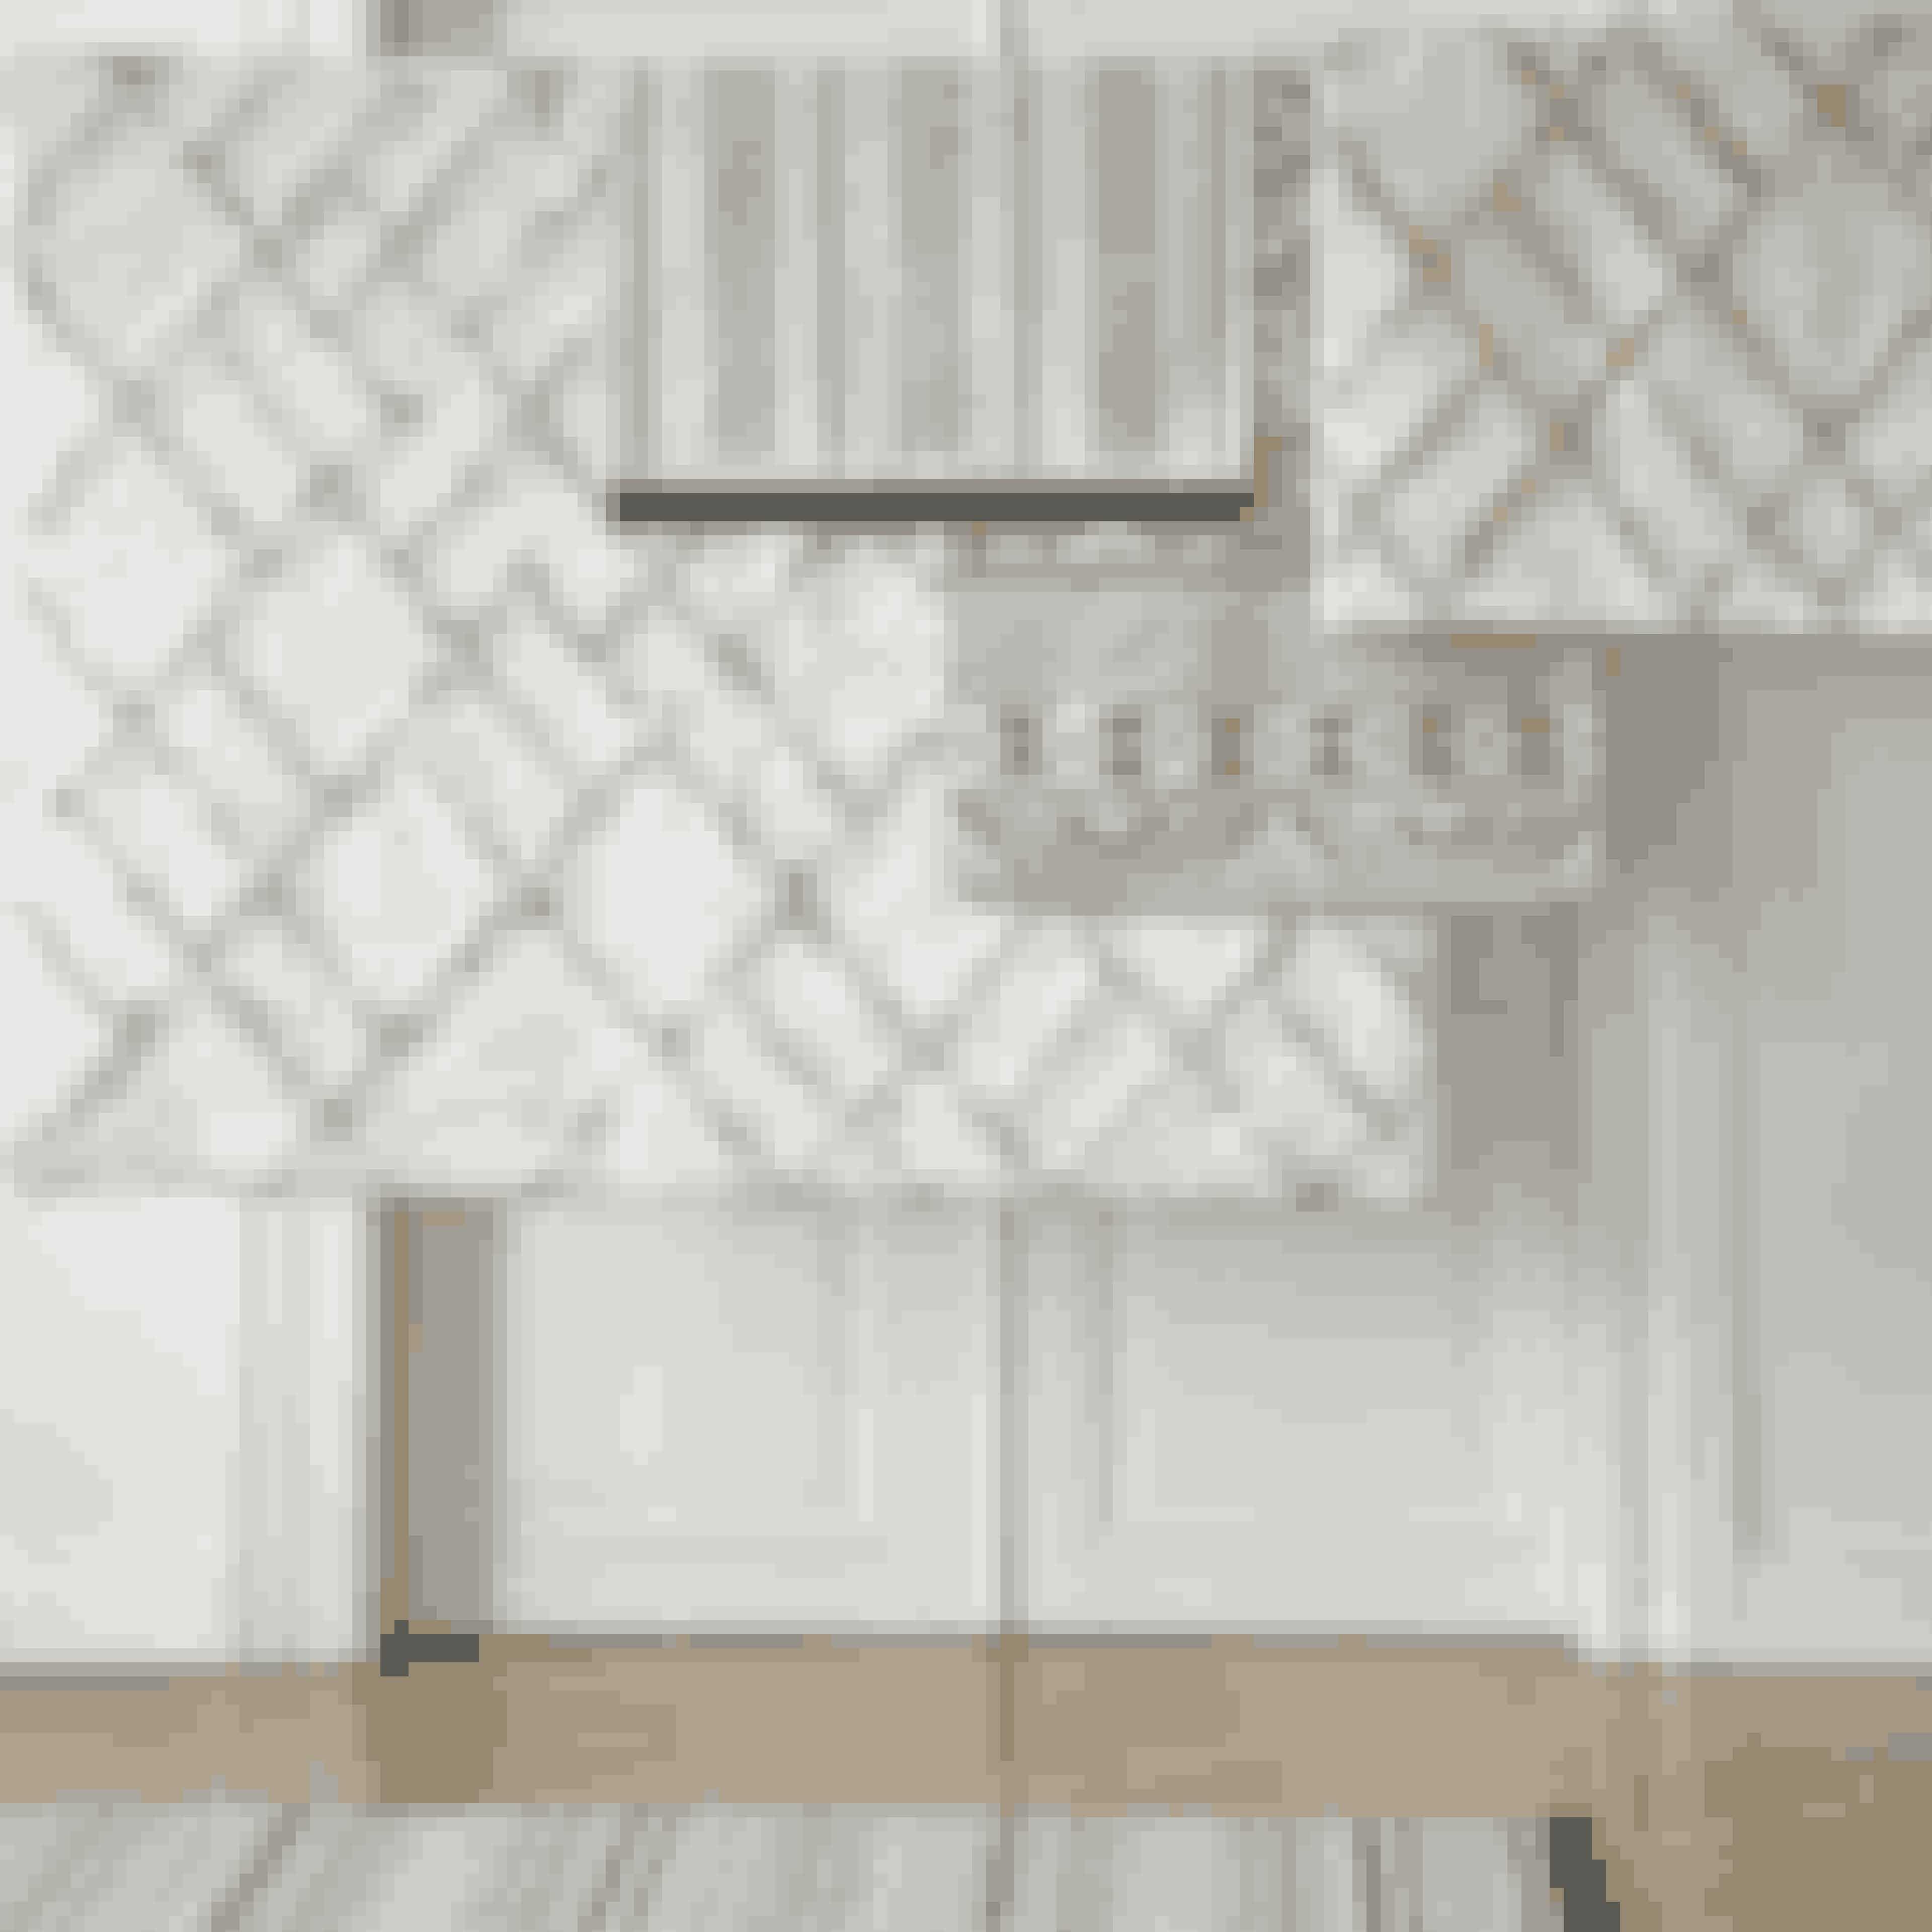 Et gulvtæppe samler møblerne i din bolig og skaber en loungestemning. Tæppet ser lækkert ud i en skandinavisk indretning.Gulvtæppe, 298 kr.